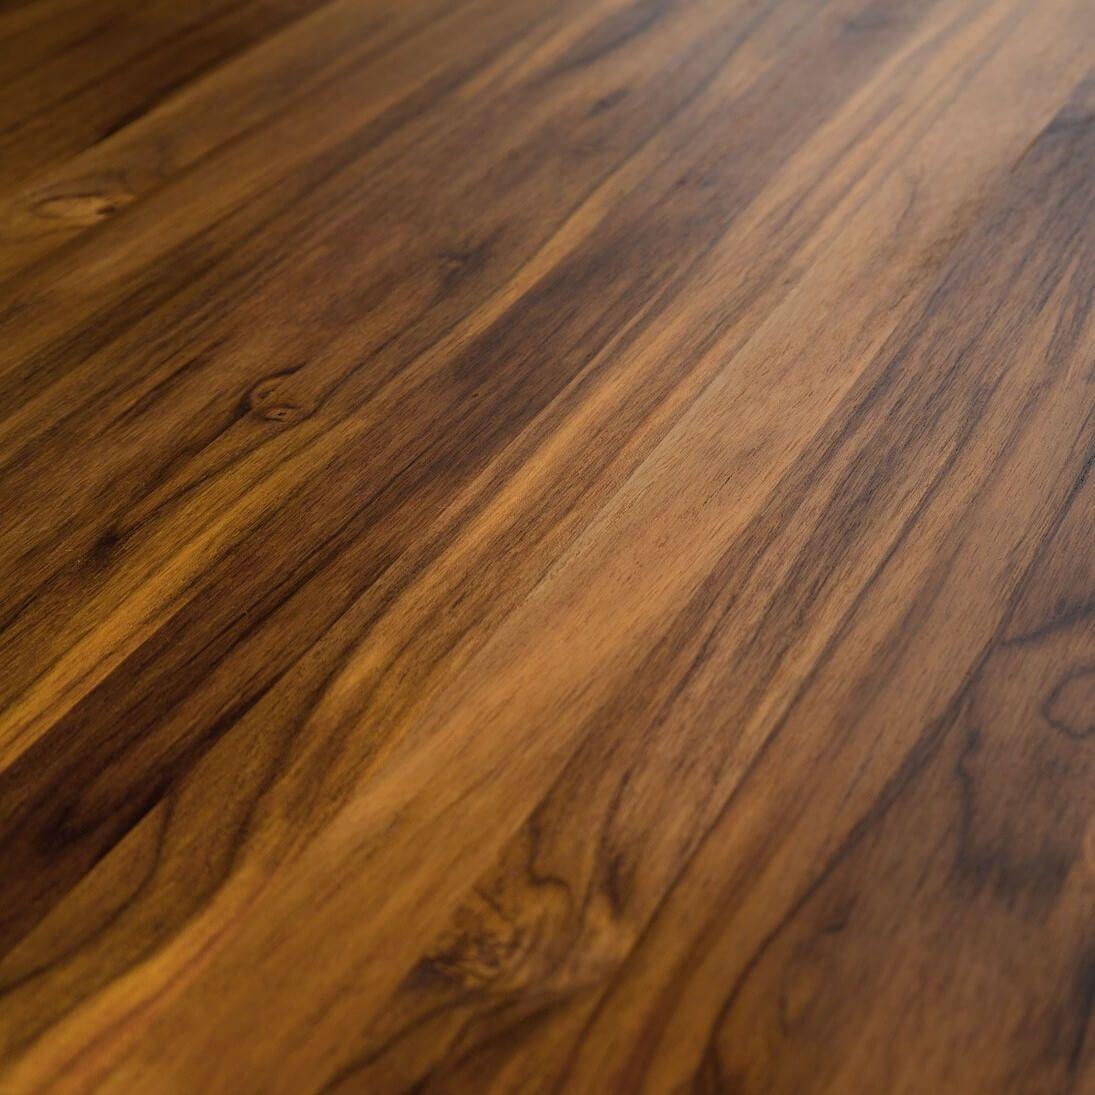 Tischplatte Aus Teak Holz Kaufen 40mm Starke Durchgehende Lamellen Teak Holz Teak Holz Kaufen